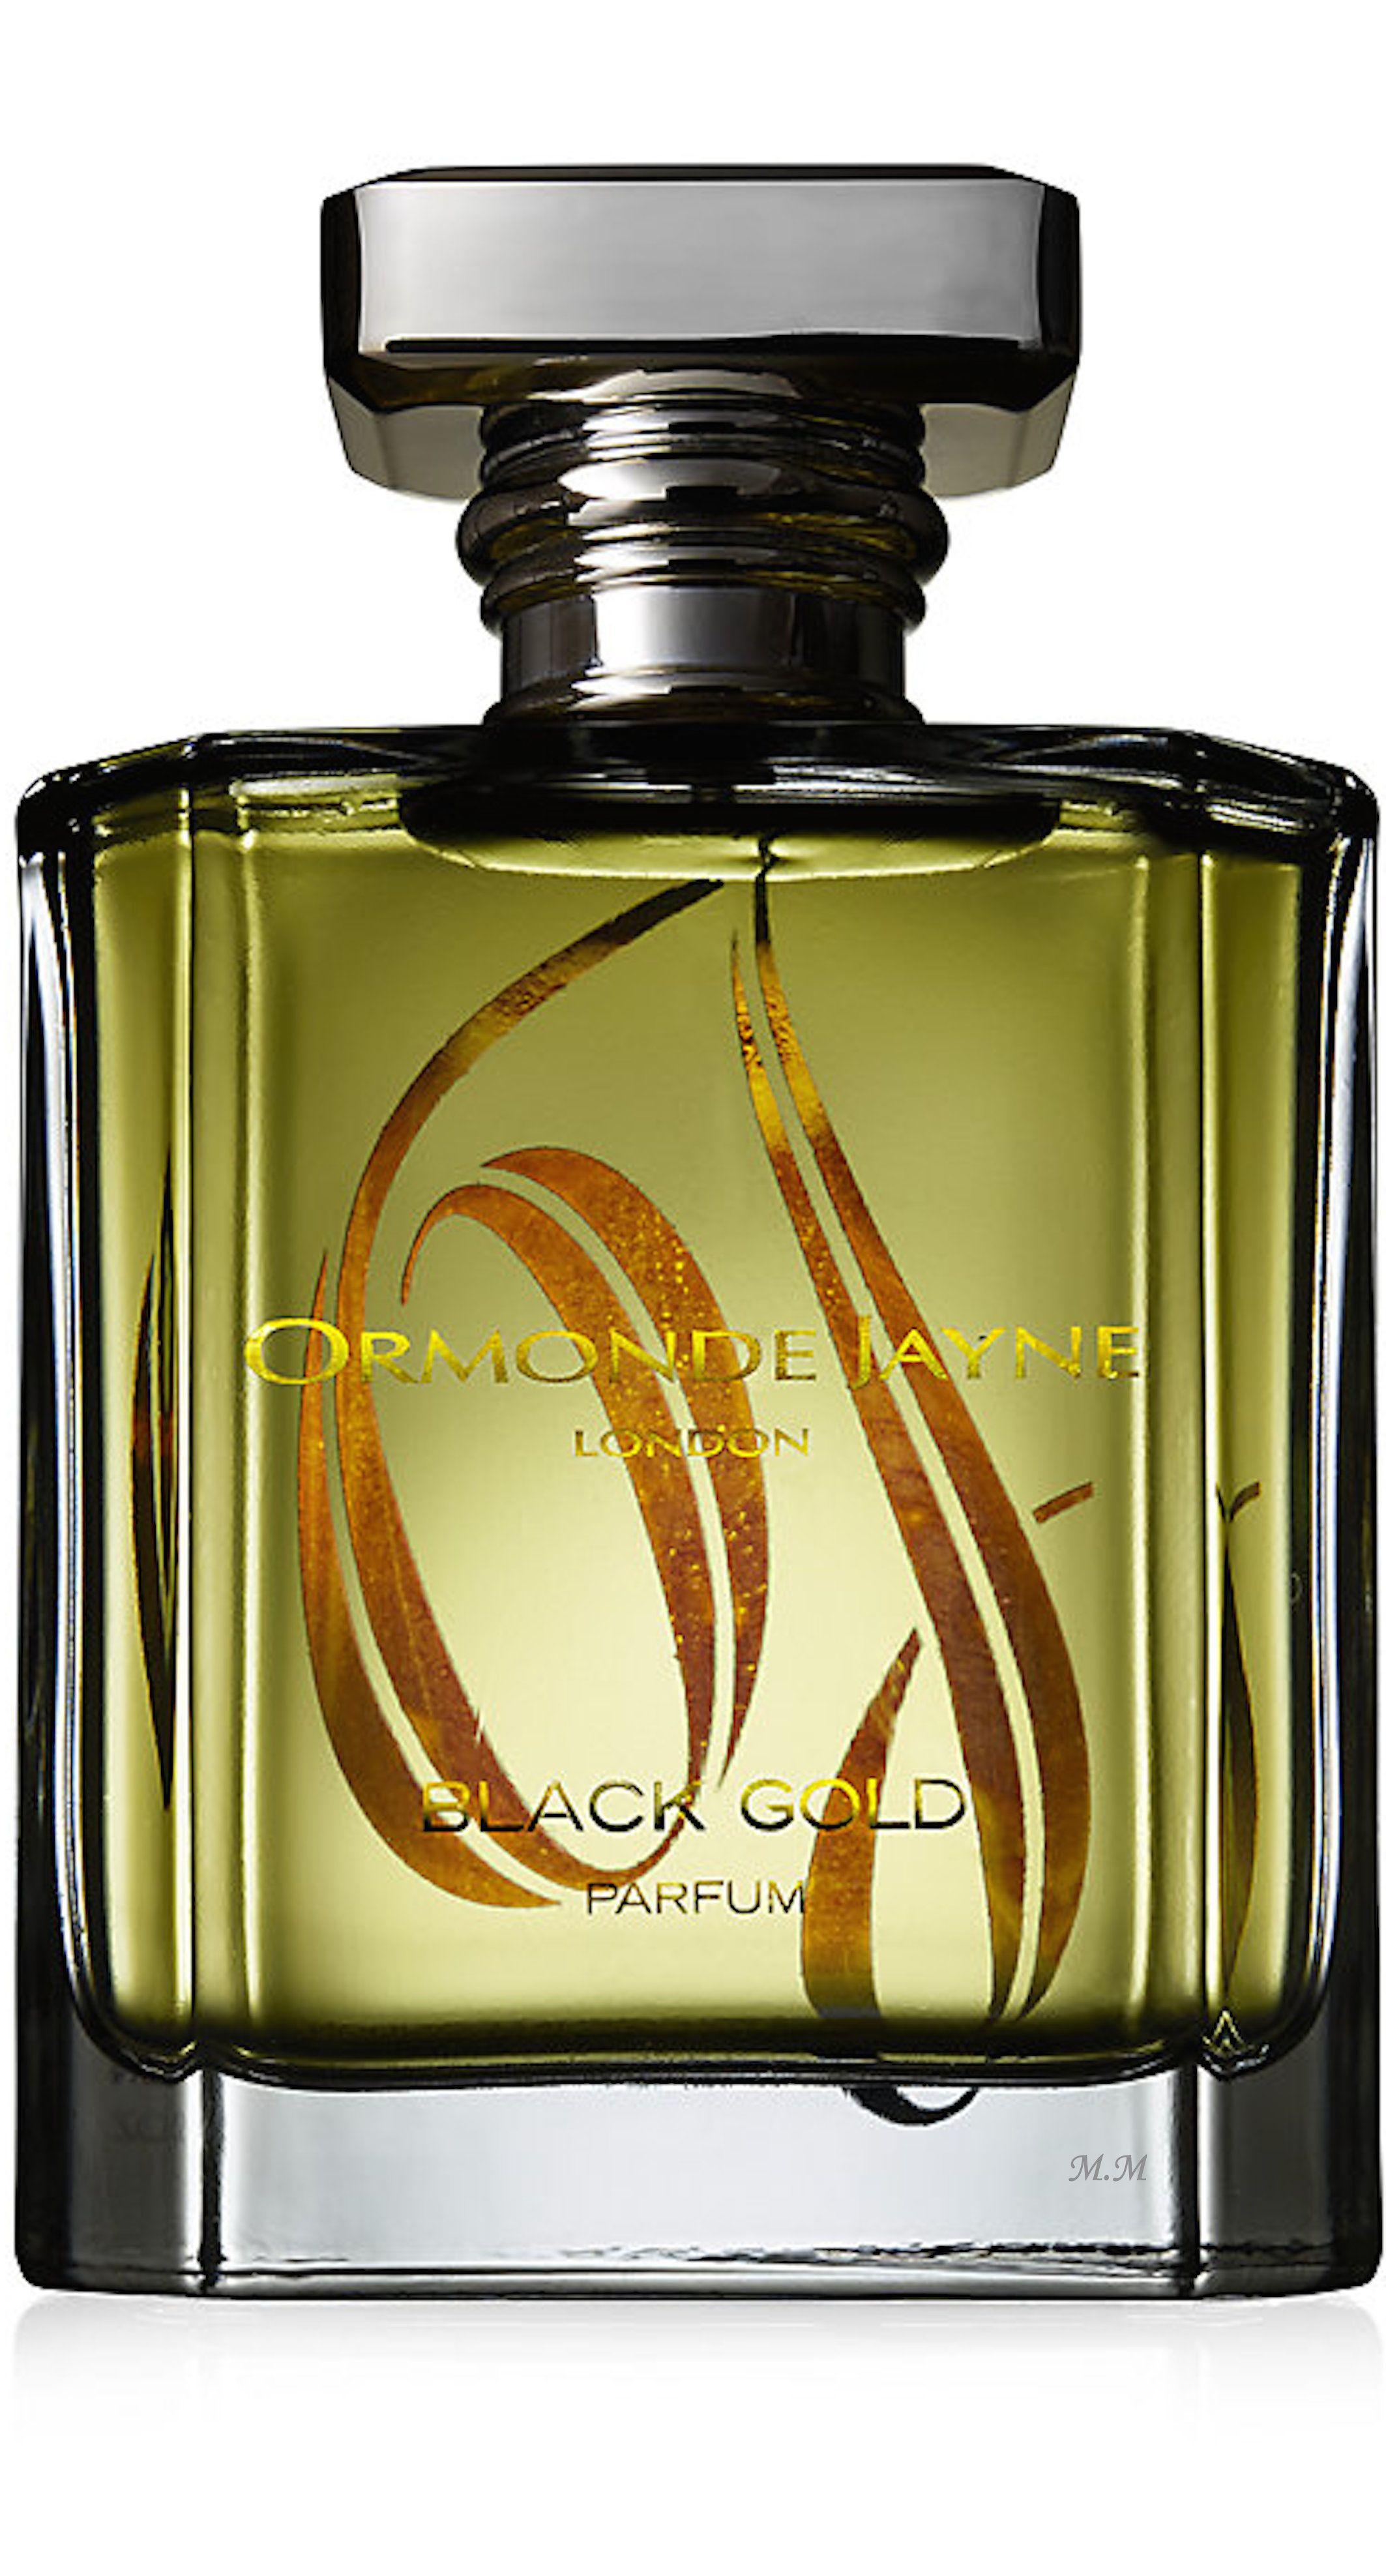 Ormonde Jayne Black Gold Parfum Looks